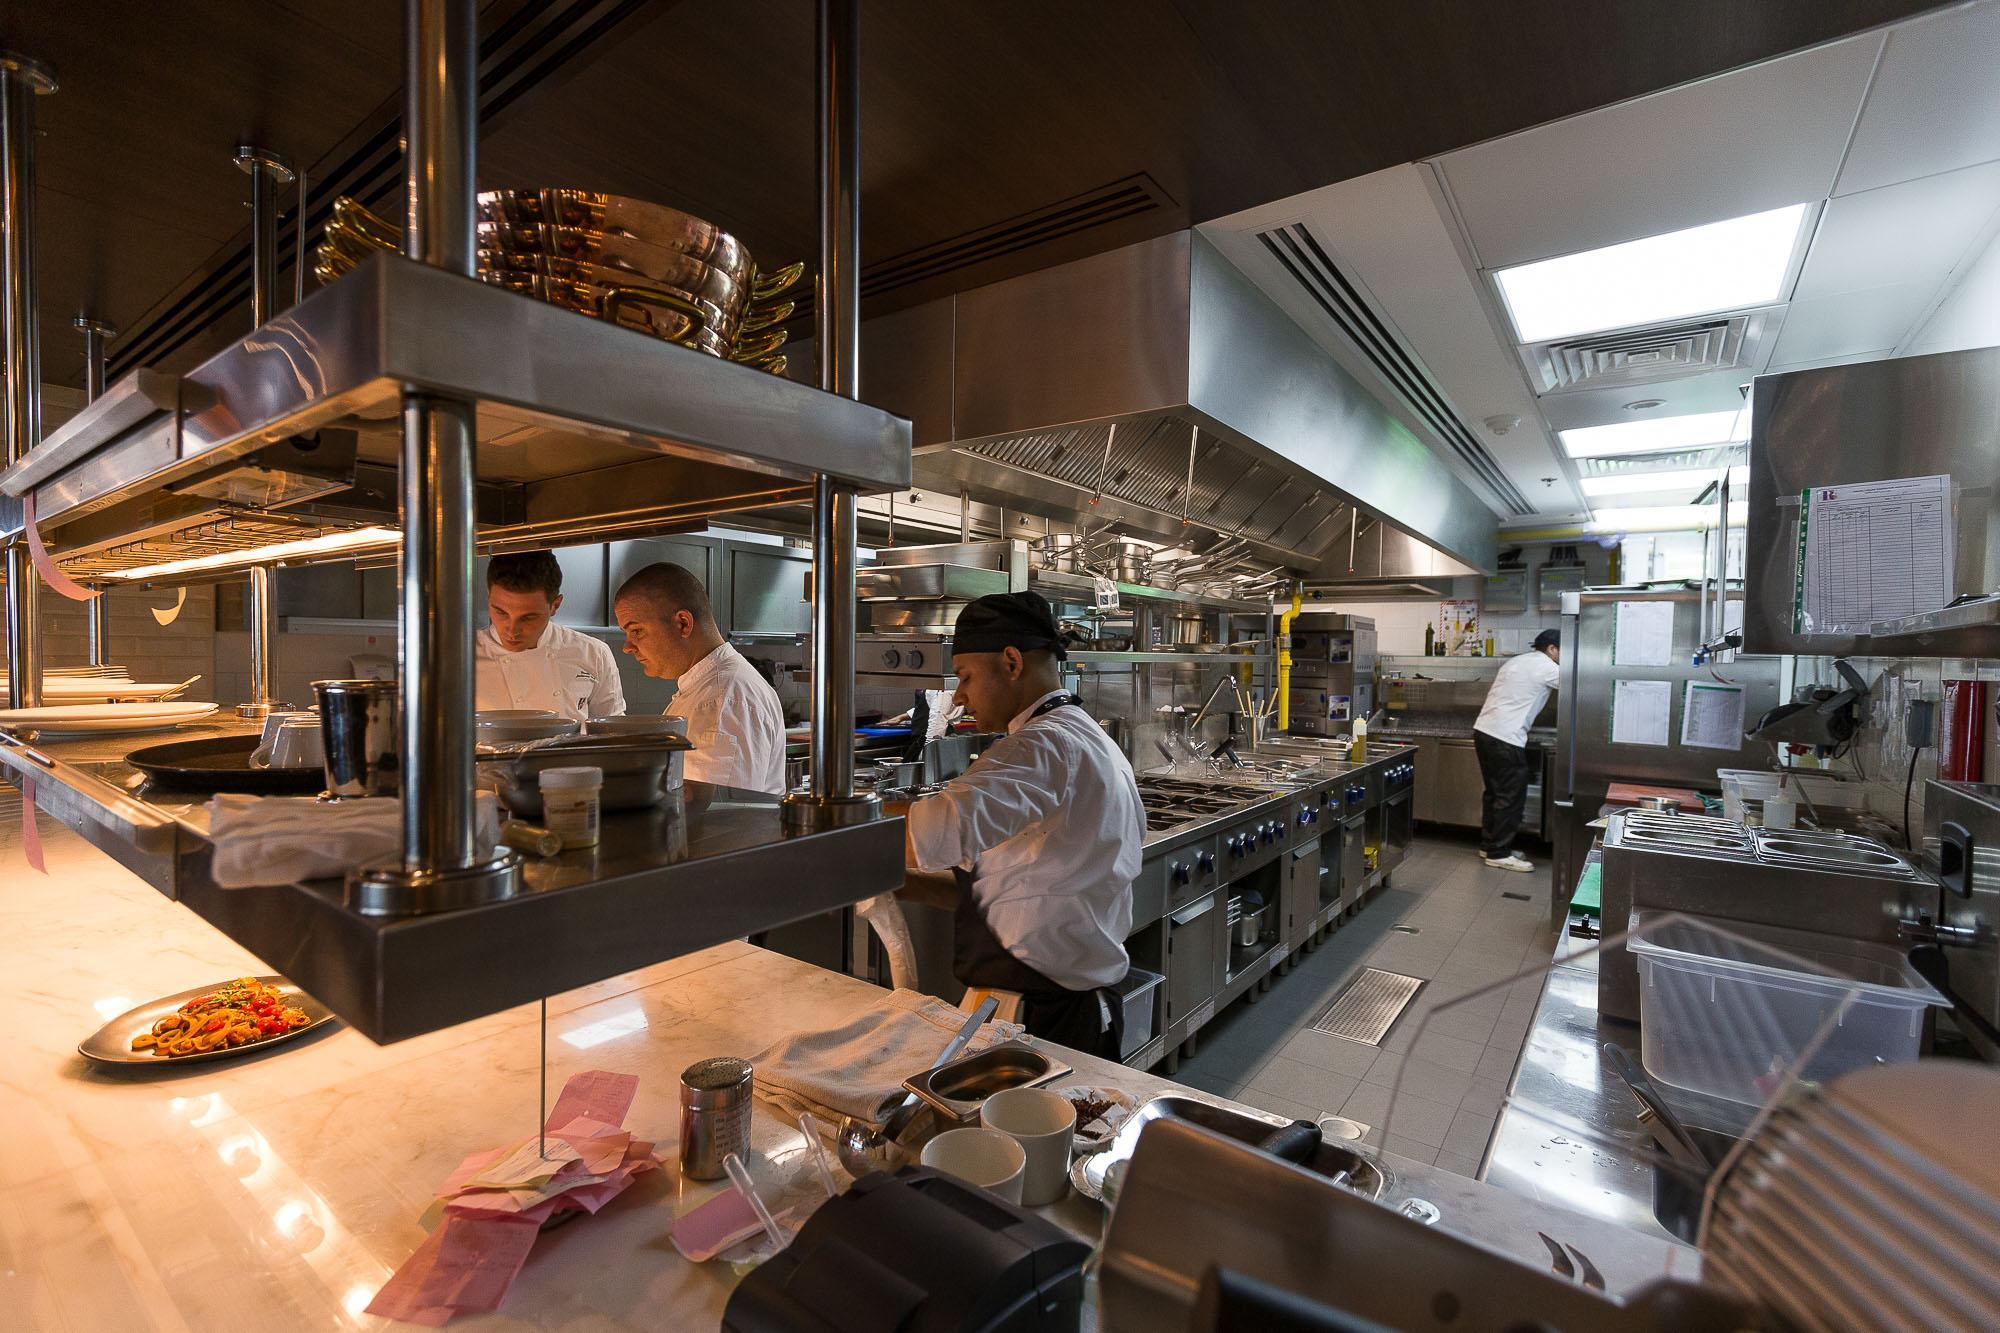 italia_kitchen_robertos_abu_dhabi_14